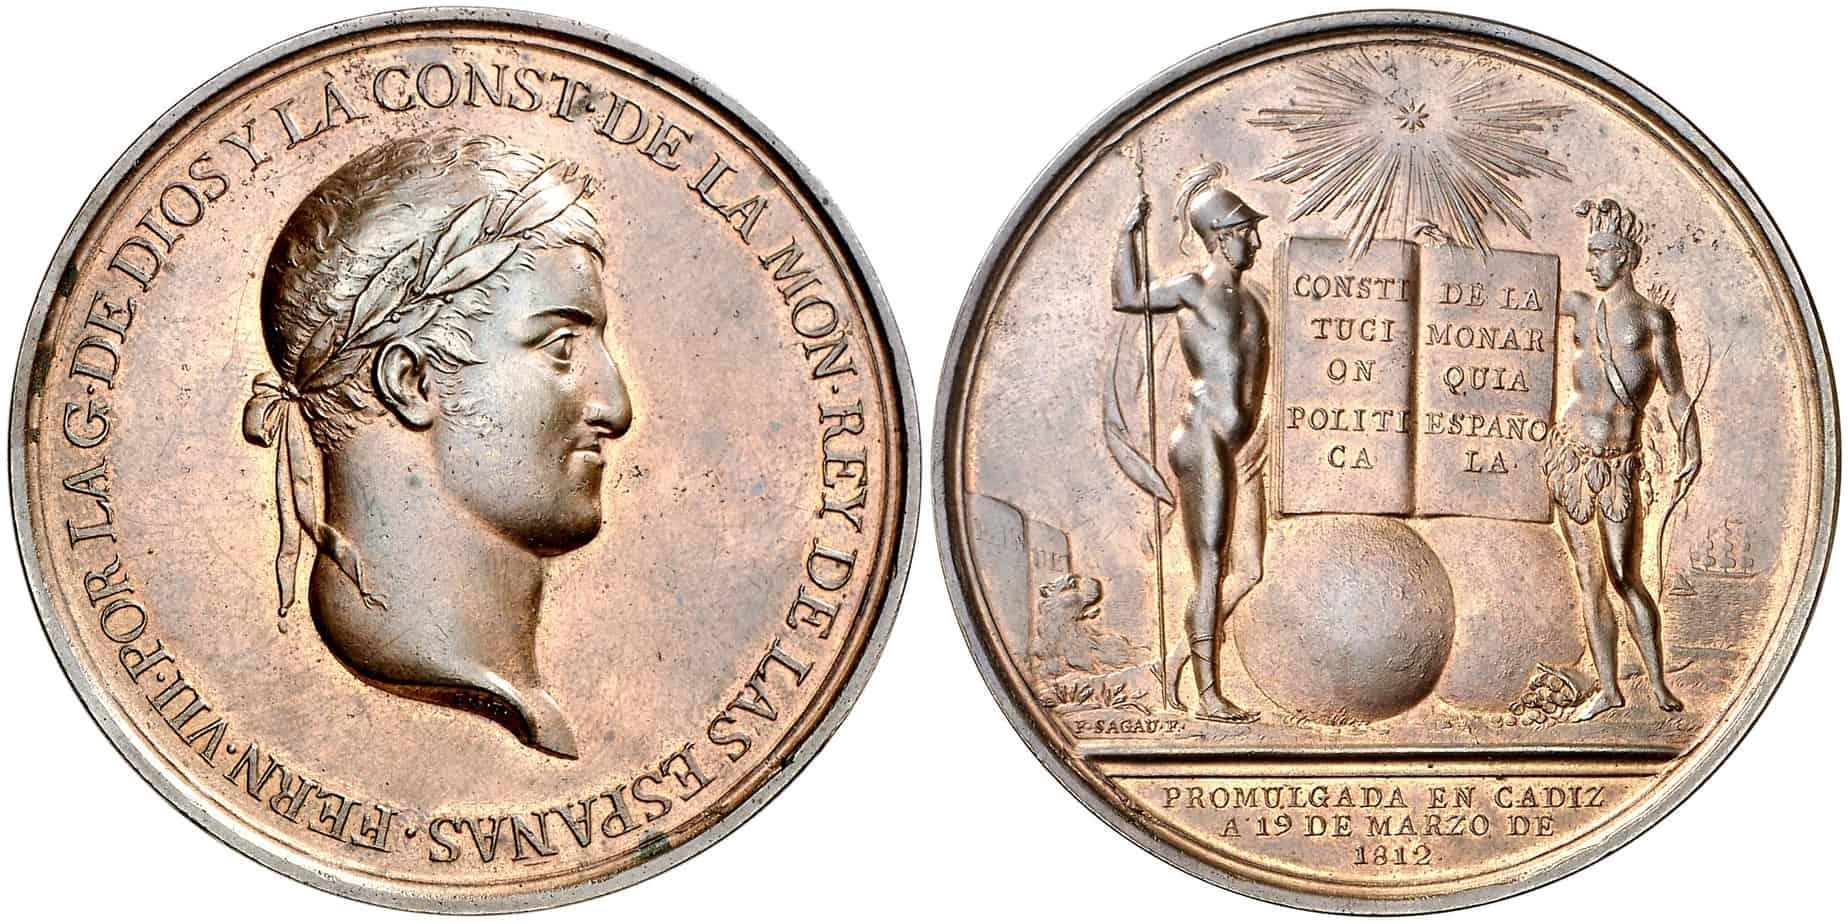 medalla Constitución de Cádiz cobre